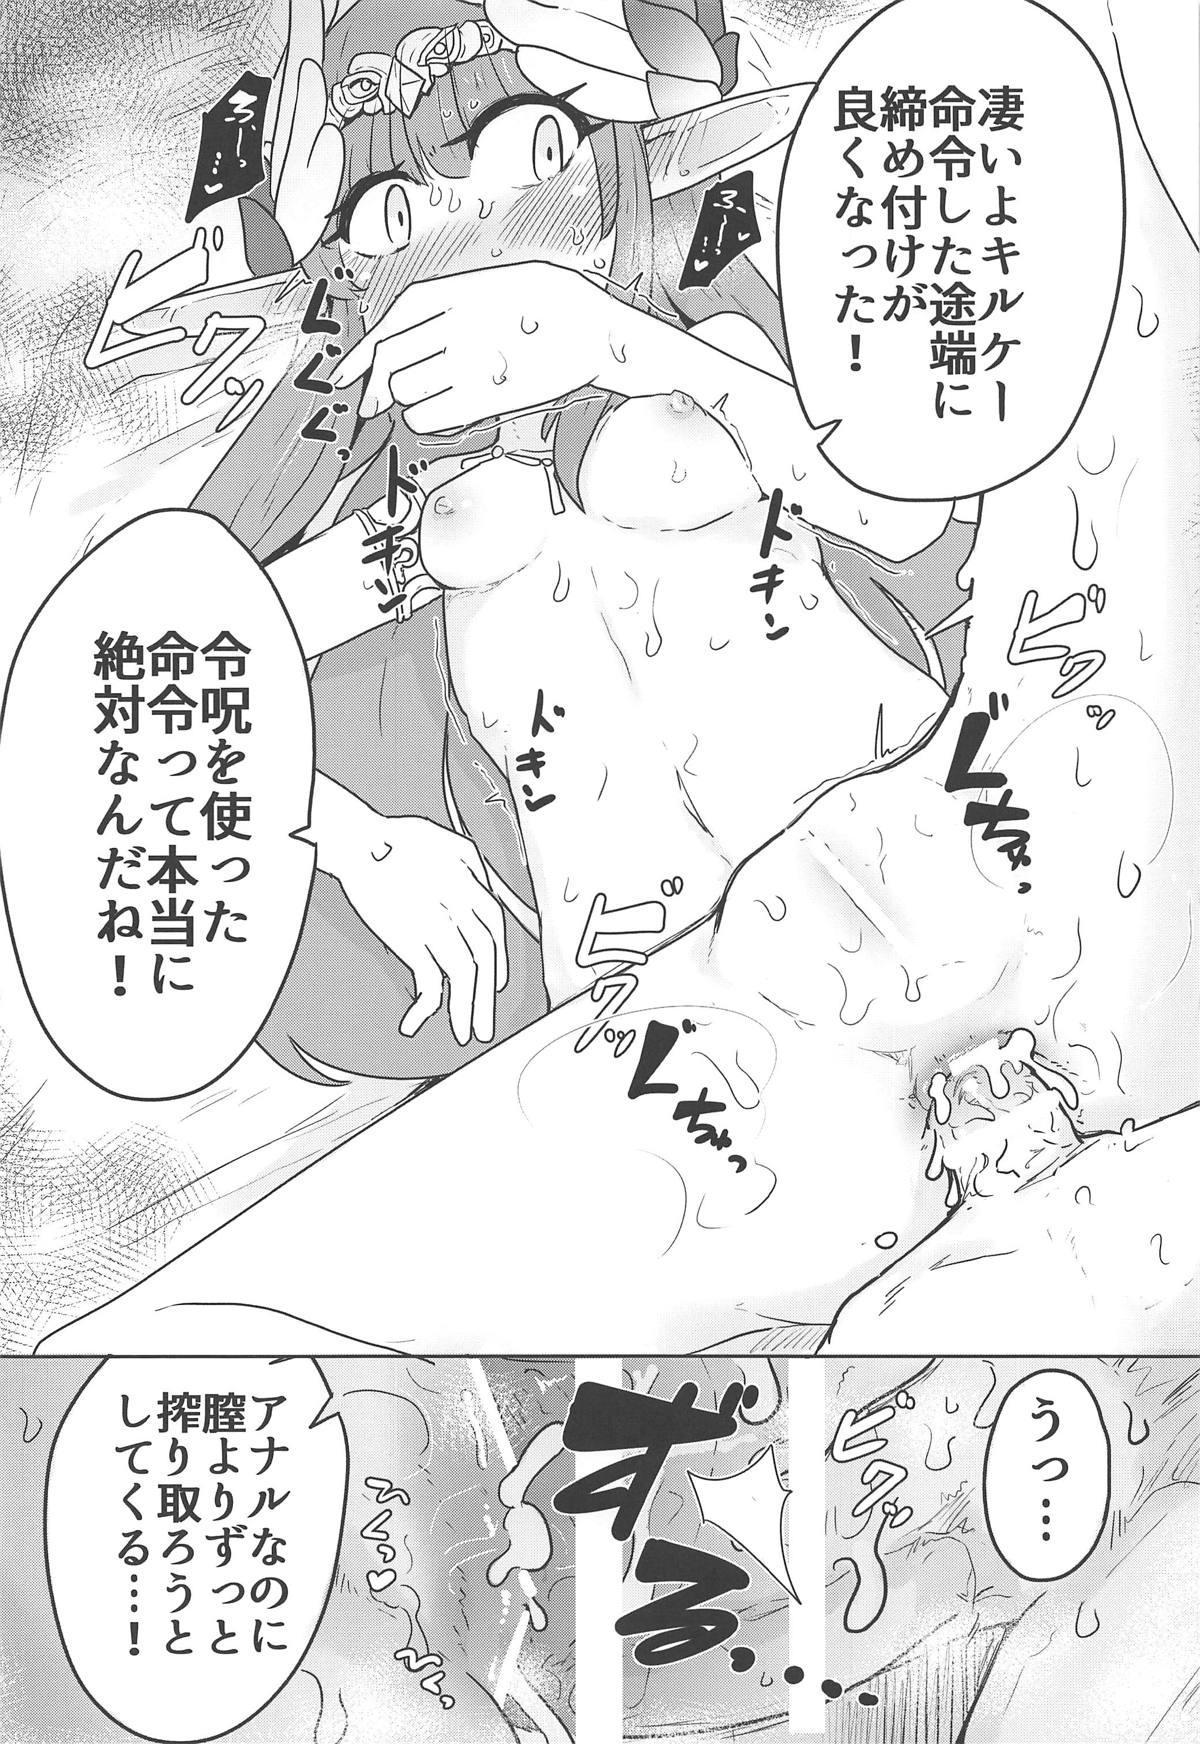 Daimajo ga Katsu no wa Touzen no Koto darou!? 6